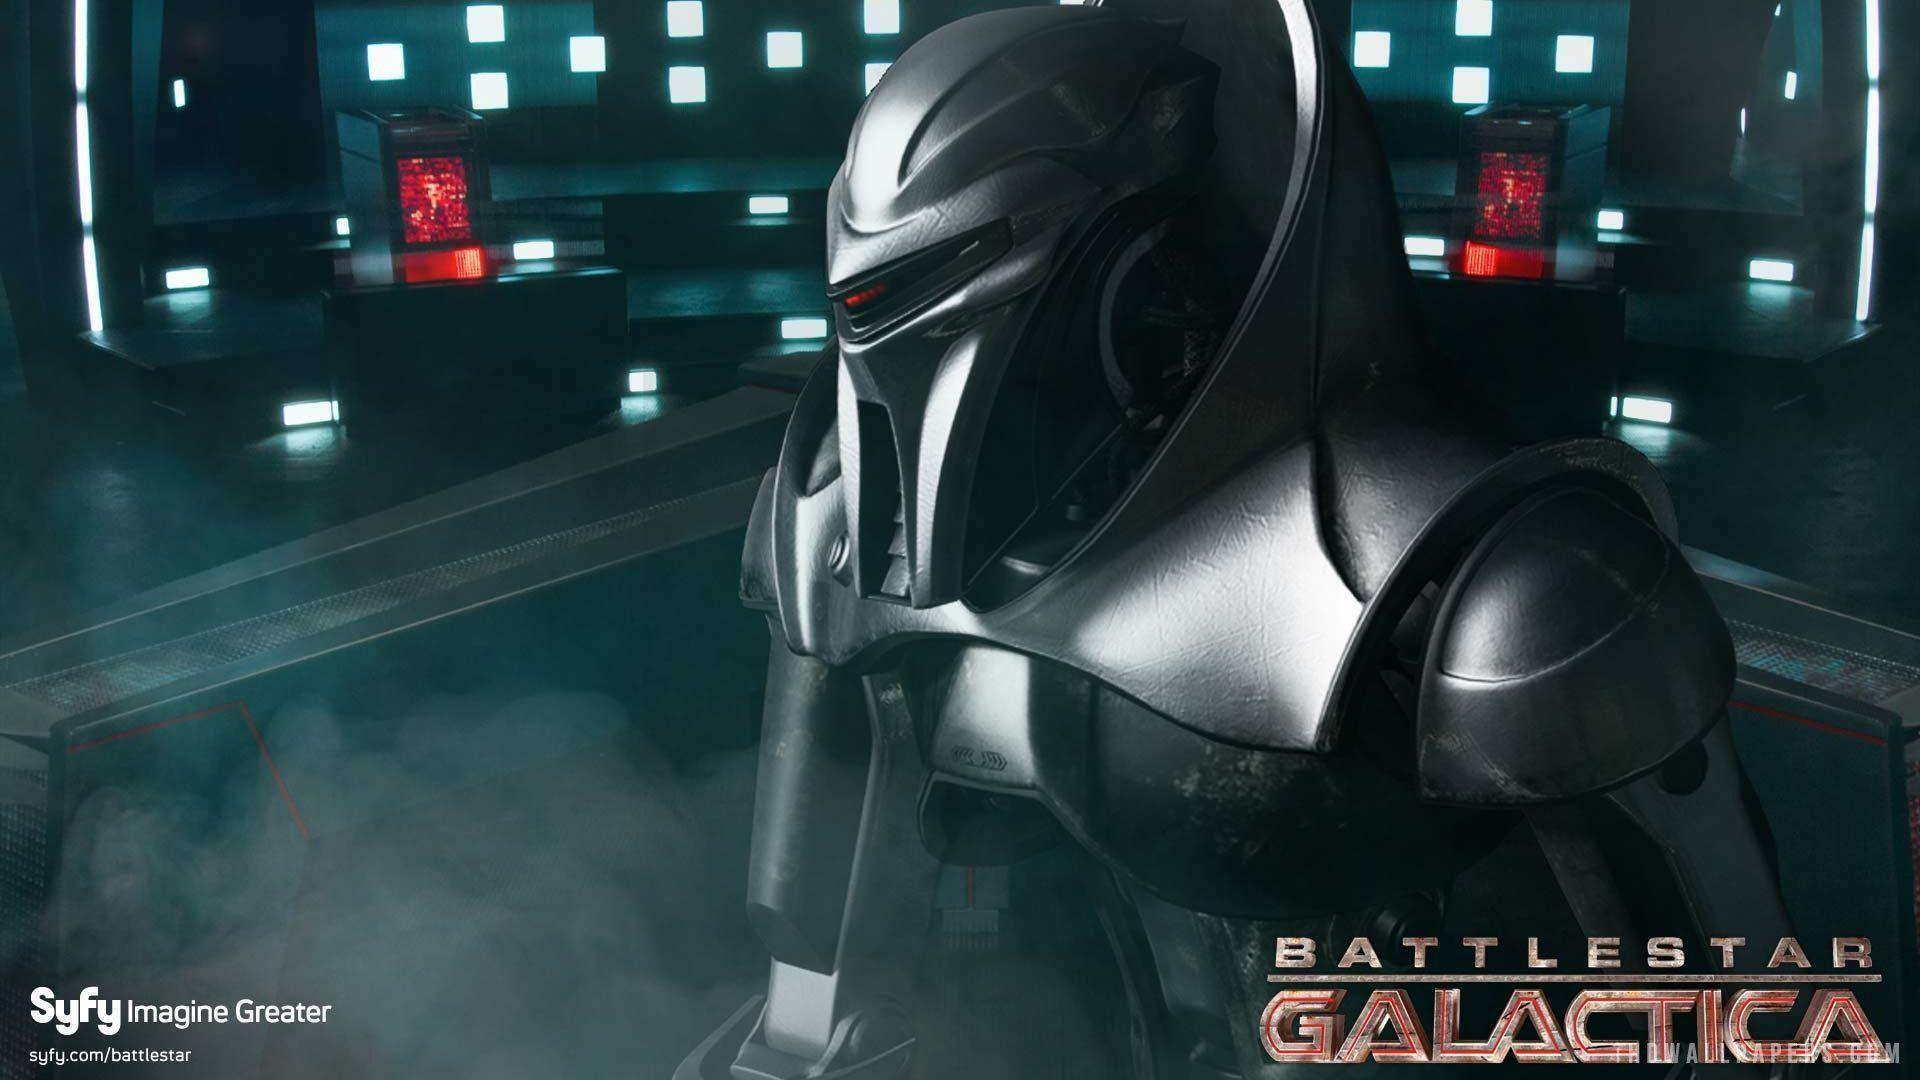 Battlestar Galactica Cylon Centurion HD Wallpaper – iHD Wallpapers